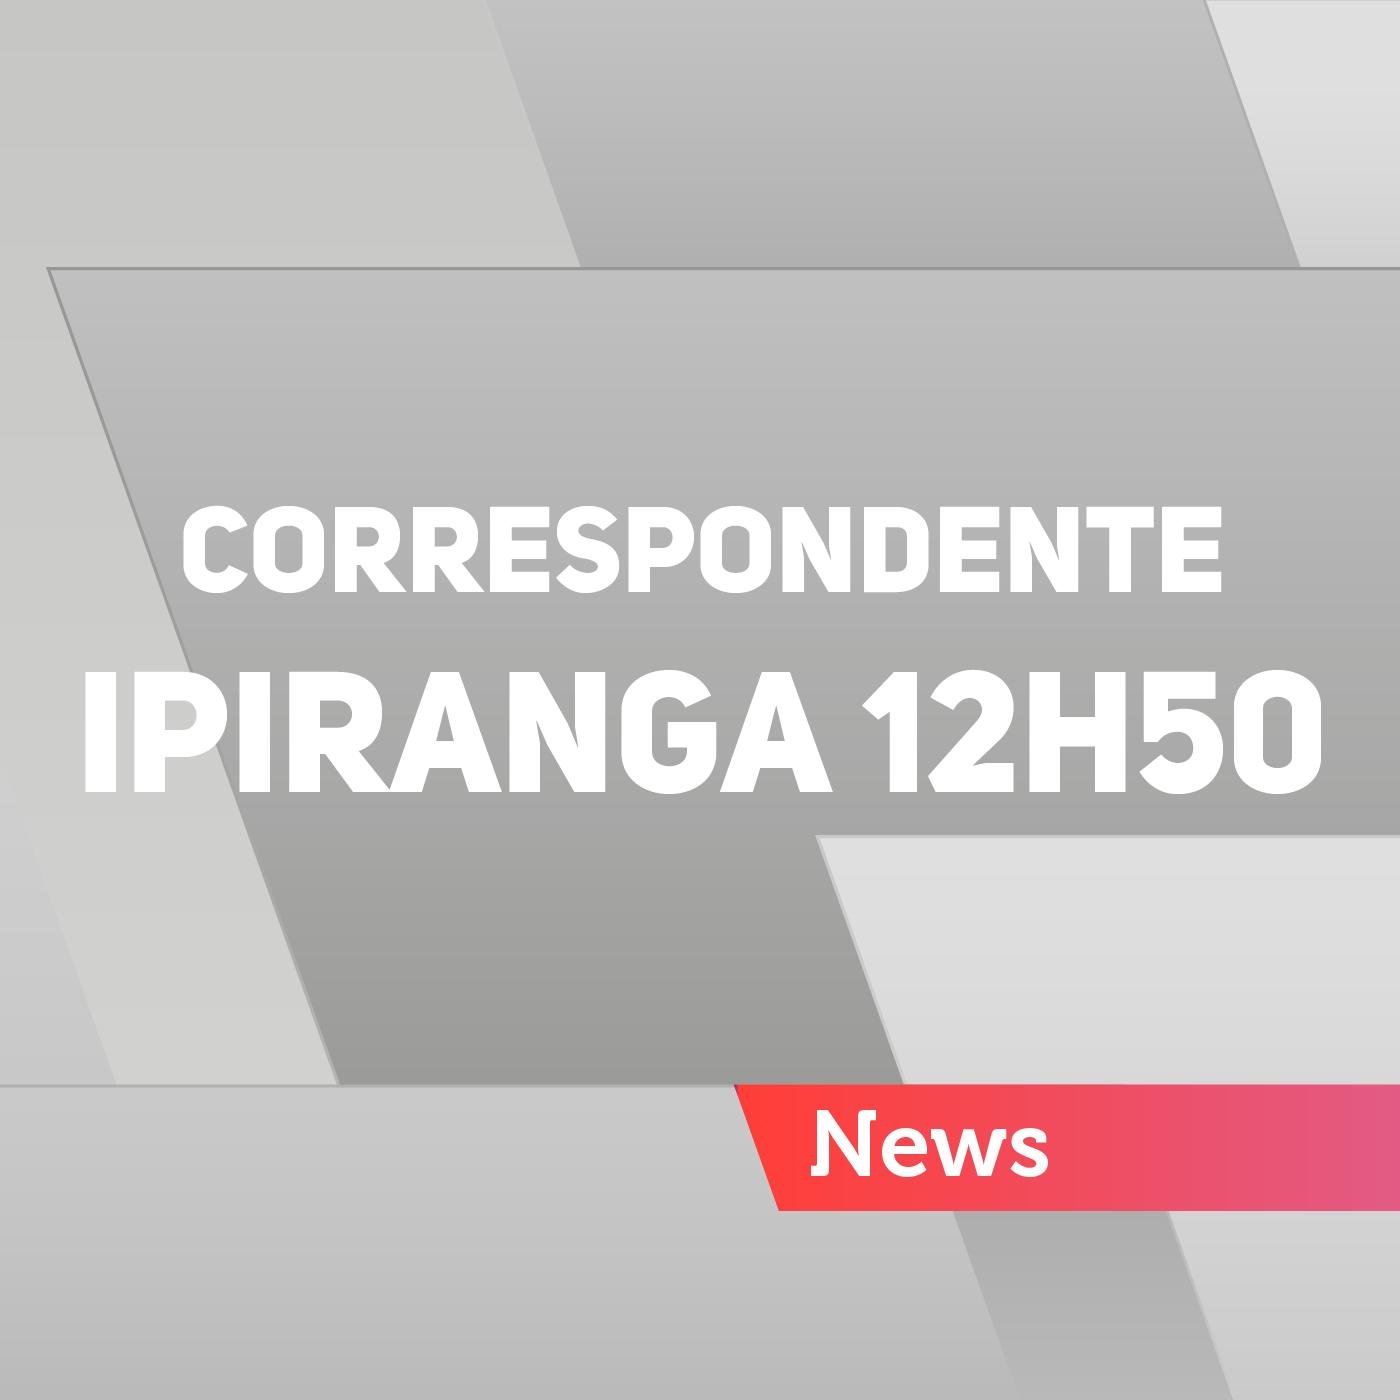 Correspondente Ipiranga 12h50 25/03/2017